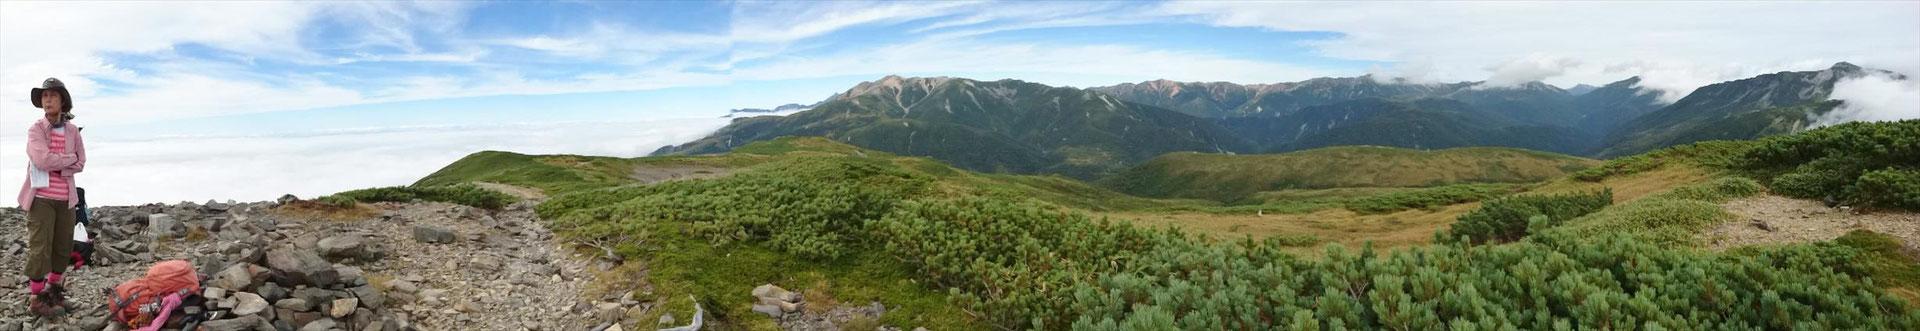 北ノ俣岳山頂で、パノラマ写真  中央,薬師岳 右端、黒部五郎岳